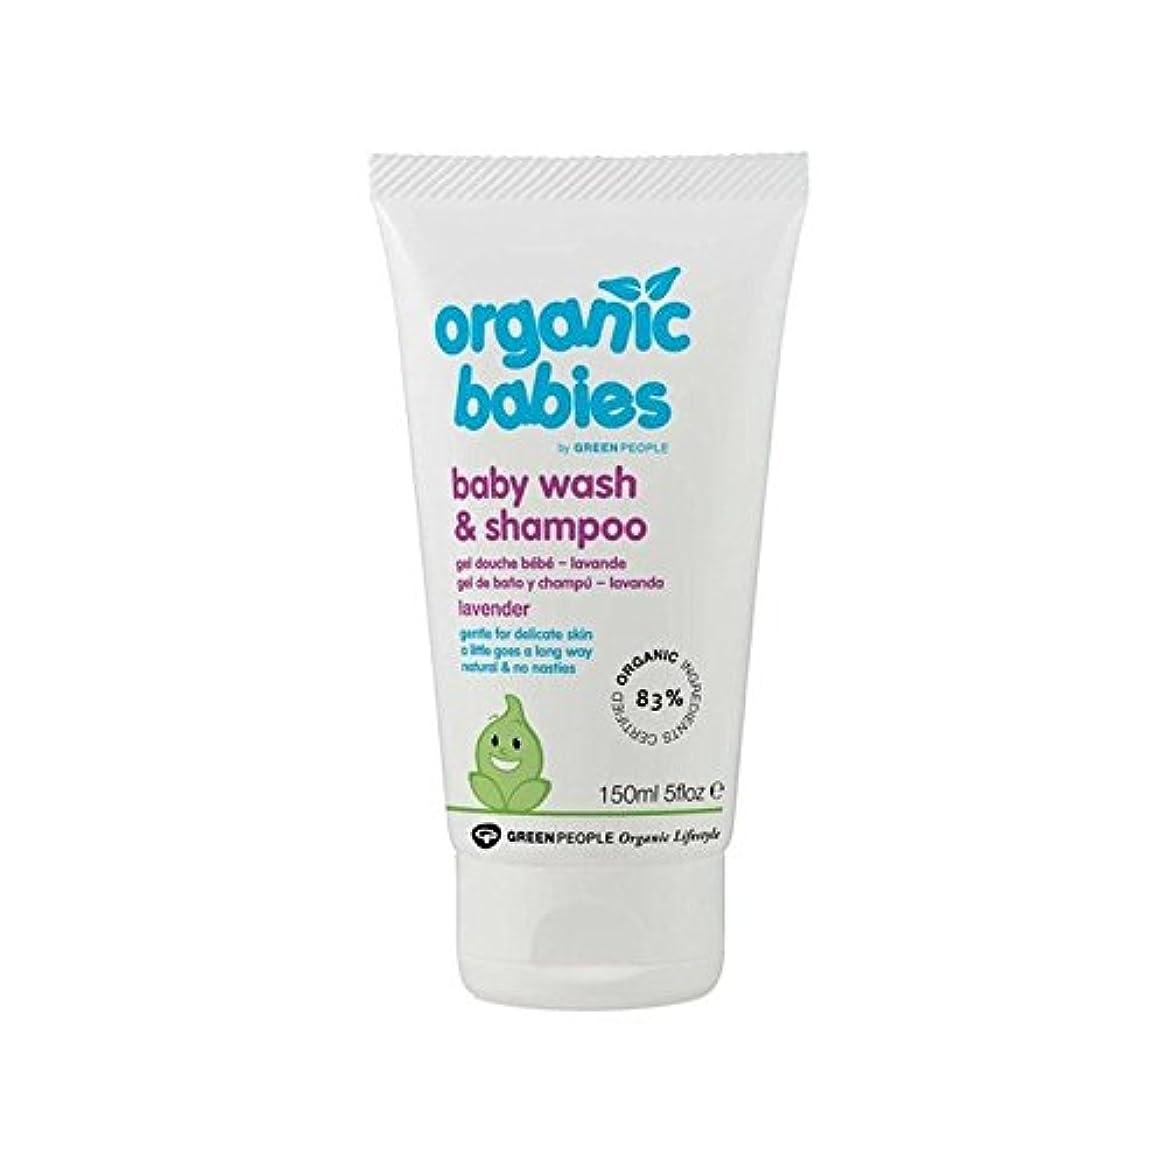 ビタミン猫背ジョージエリオットGreen People Lavender Baby Wash & Shampoo (150ml) - 緑の人々ラベンダーベビーウォッシュ&シャンプー(150ミリリットル) [並行輸入品]